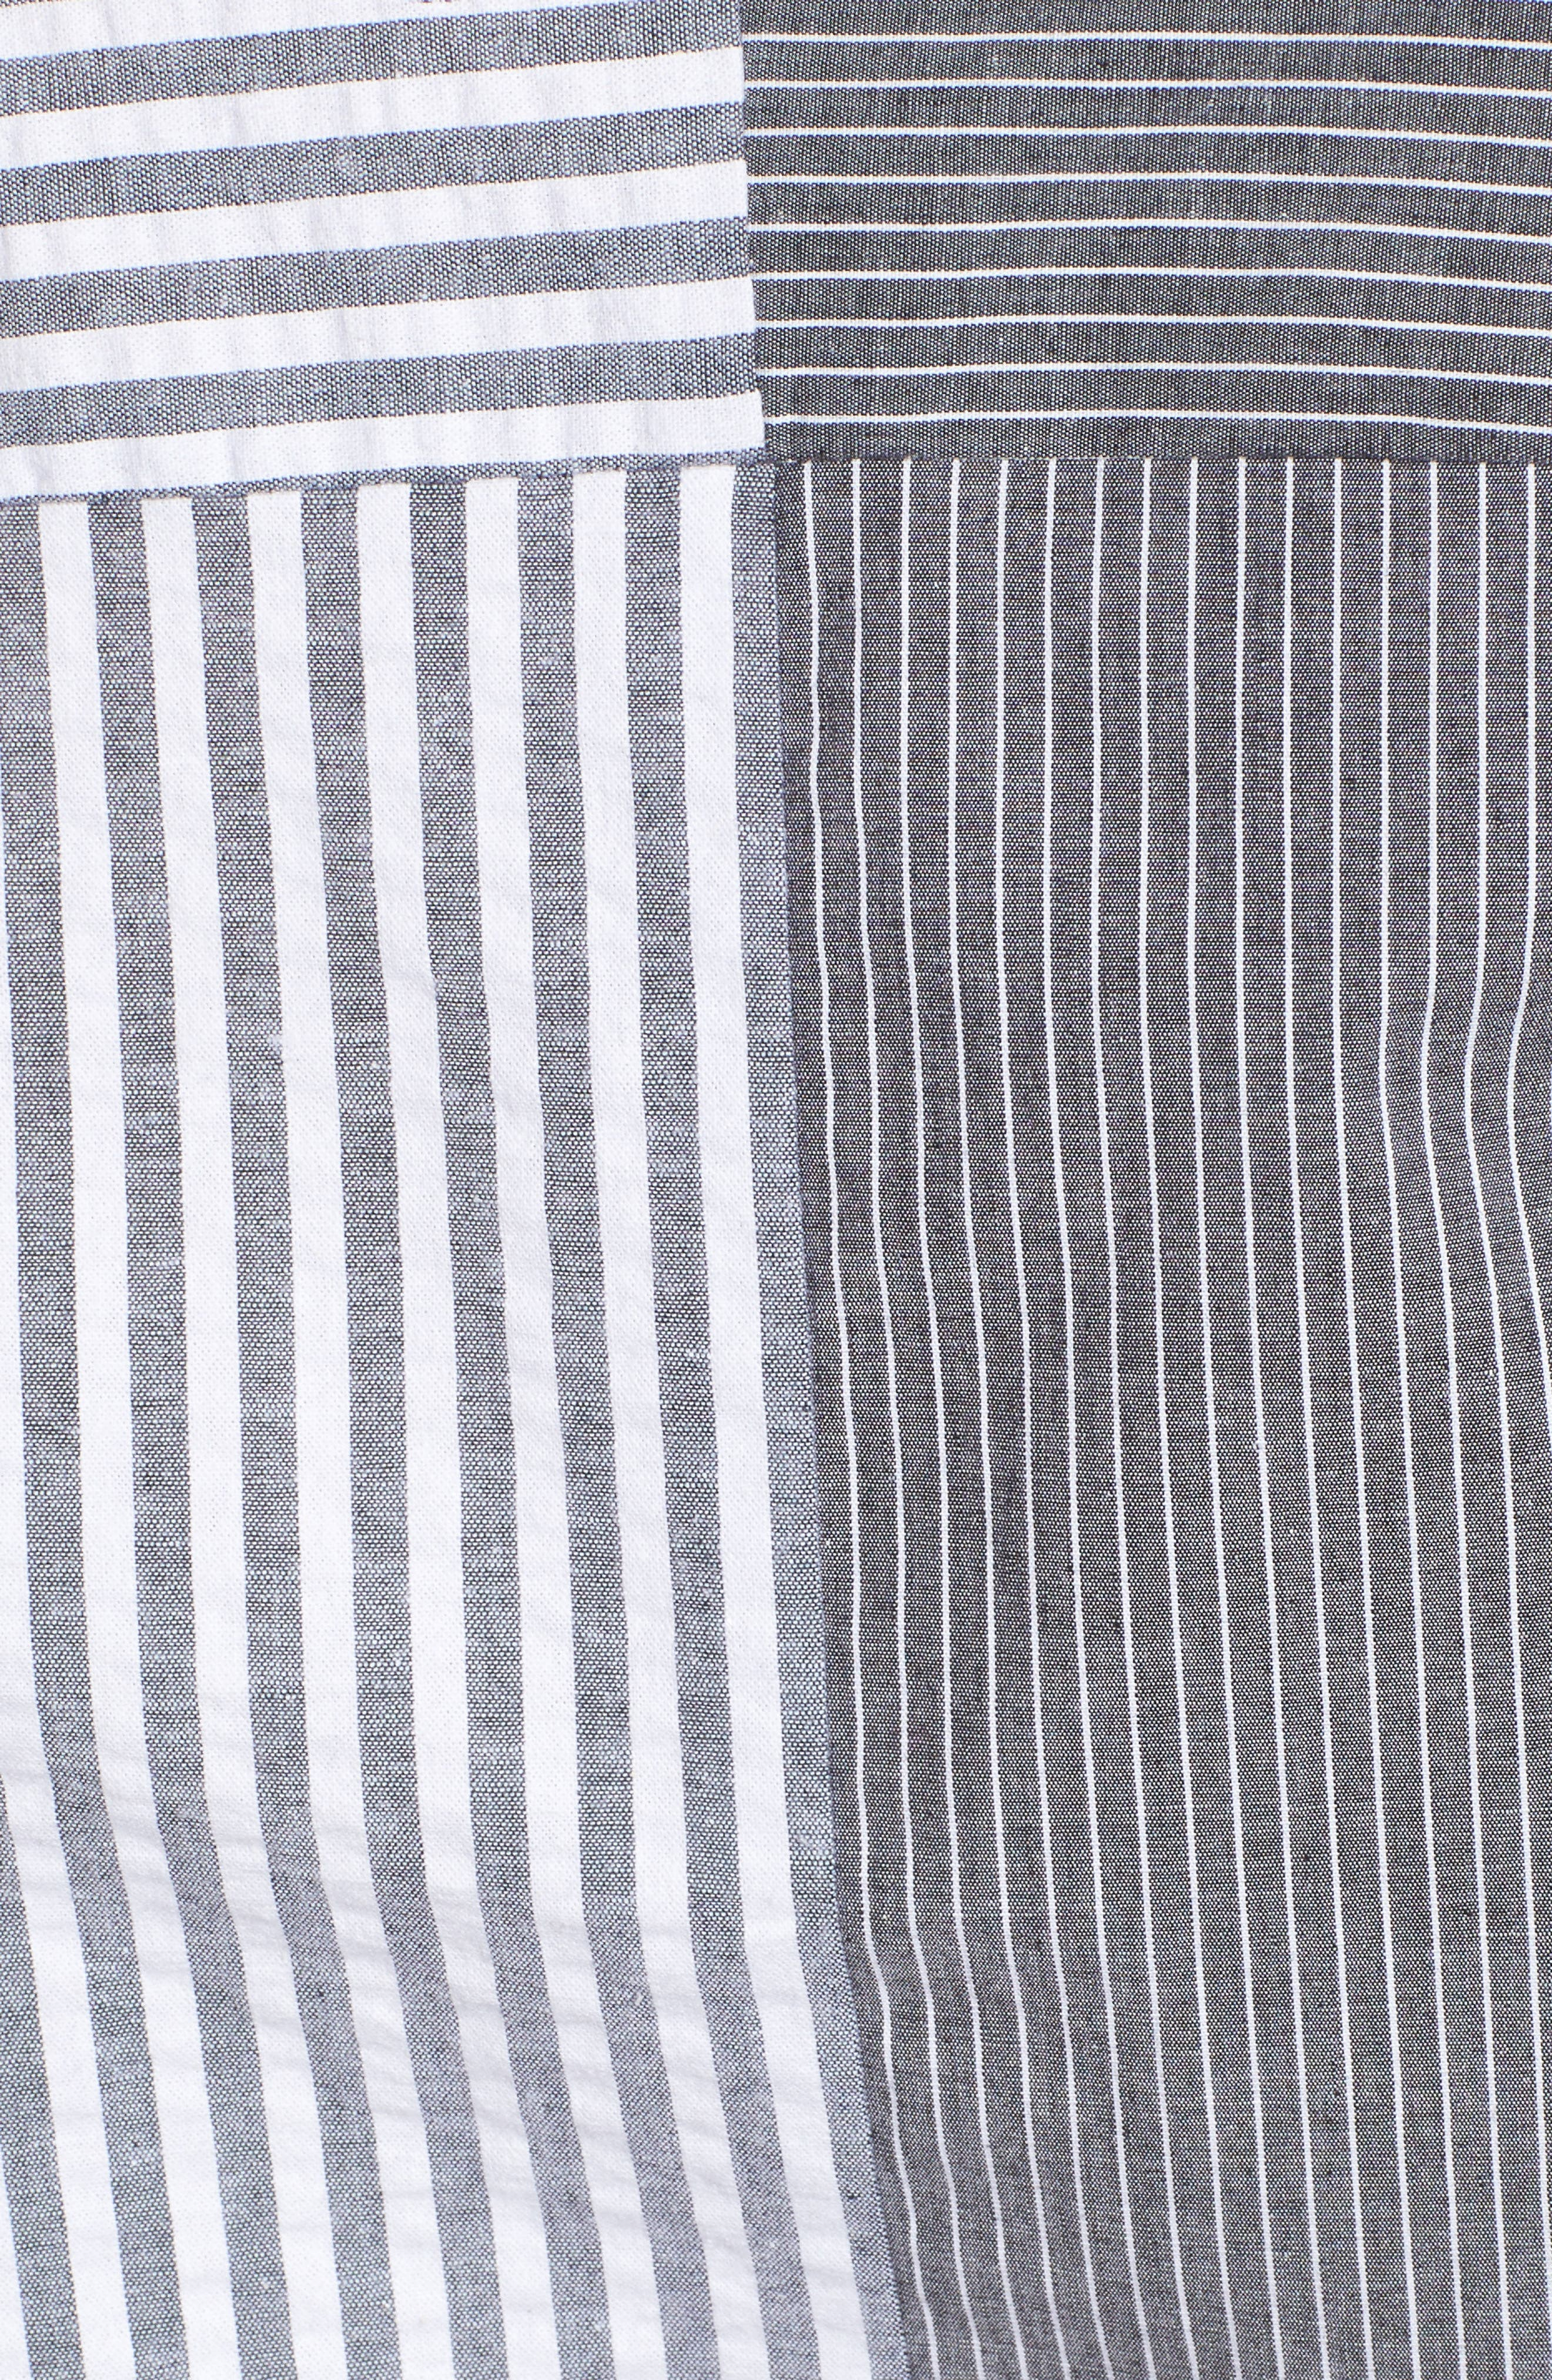 Mismatch Stripe Shirt,                             Alternate thumbnail 5, color,                             020